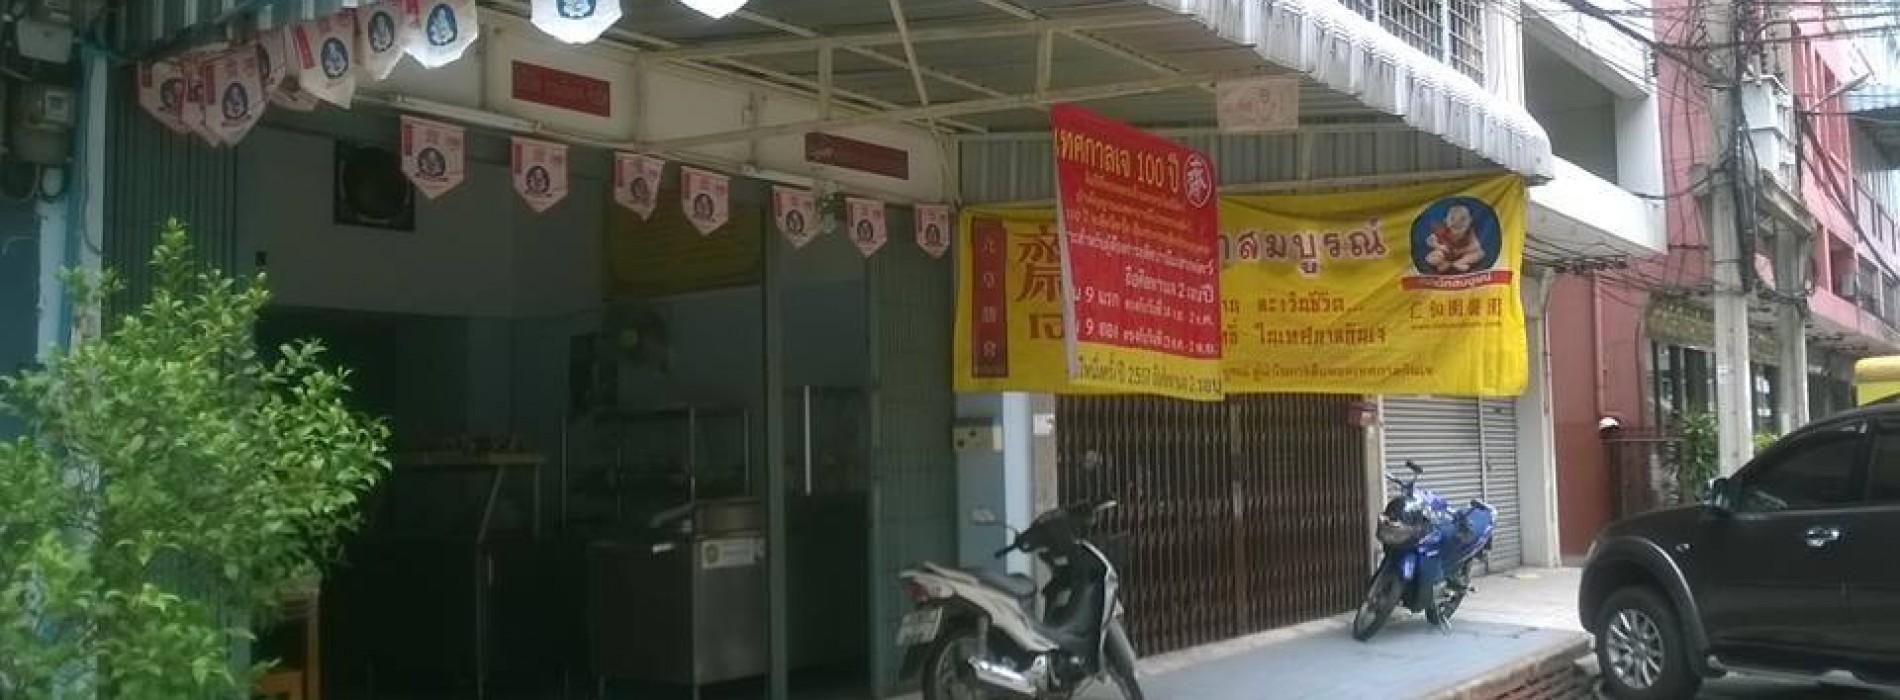 ร้านอาหารเจ ครัวกวนอิม ร้านอาหารเจ กรุงเทพ